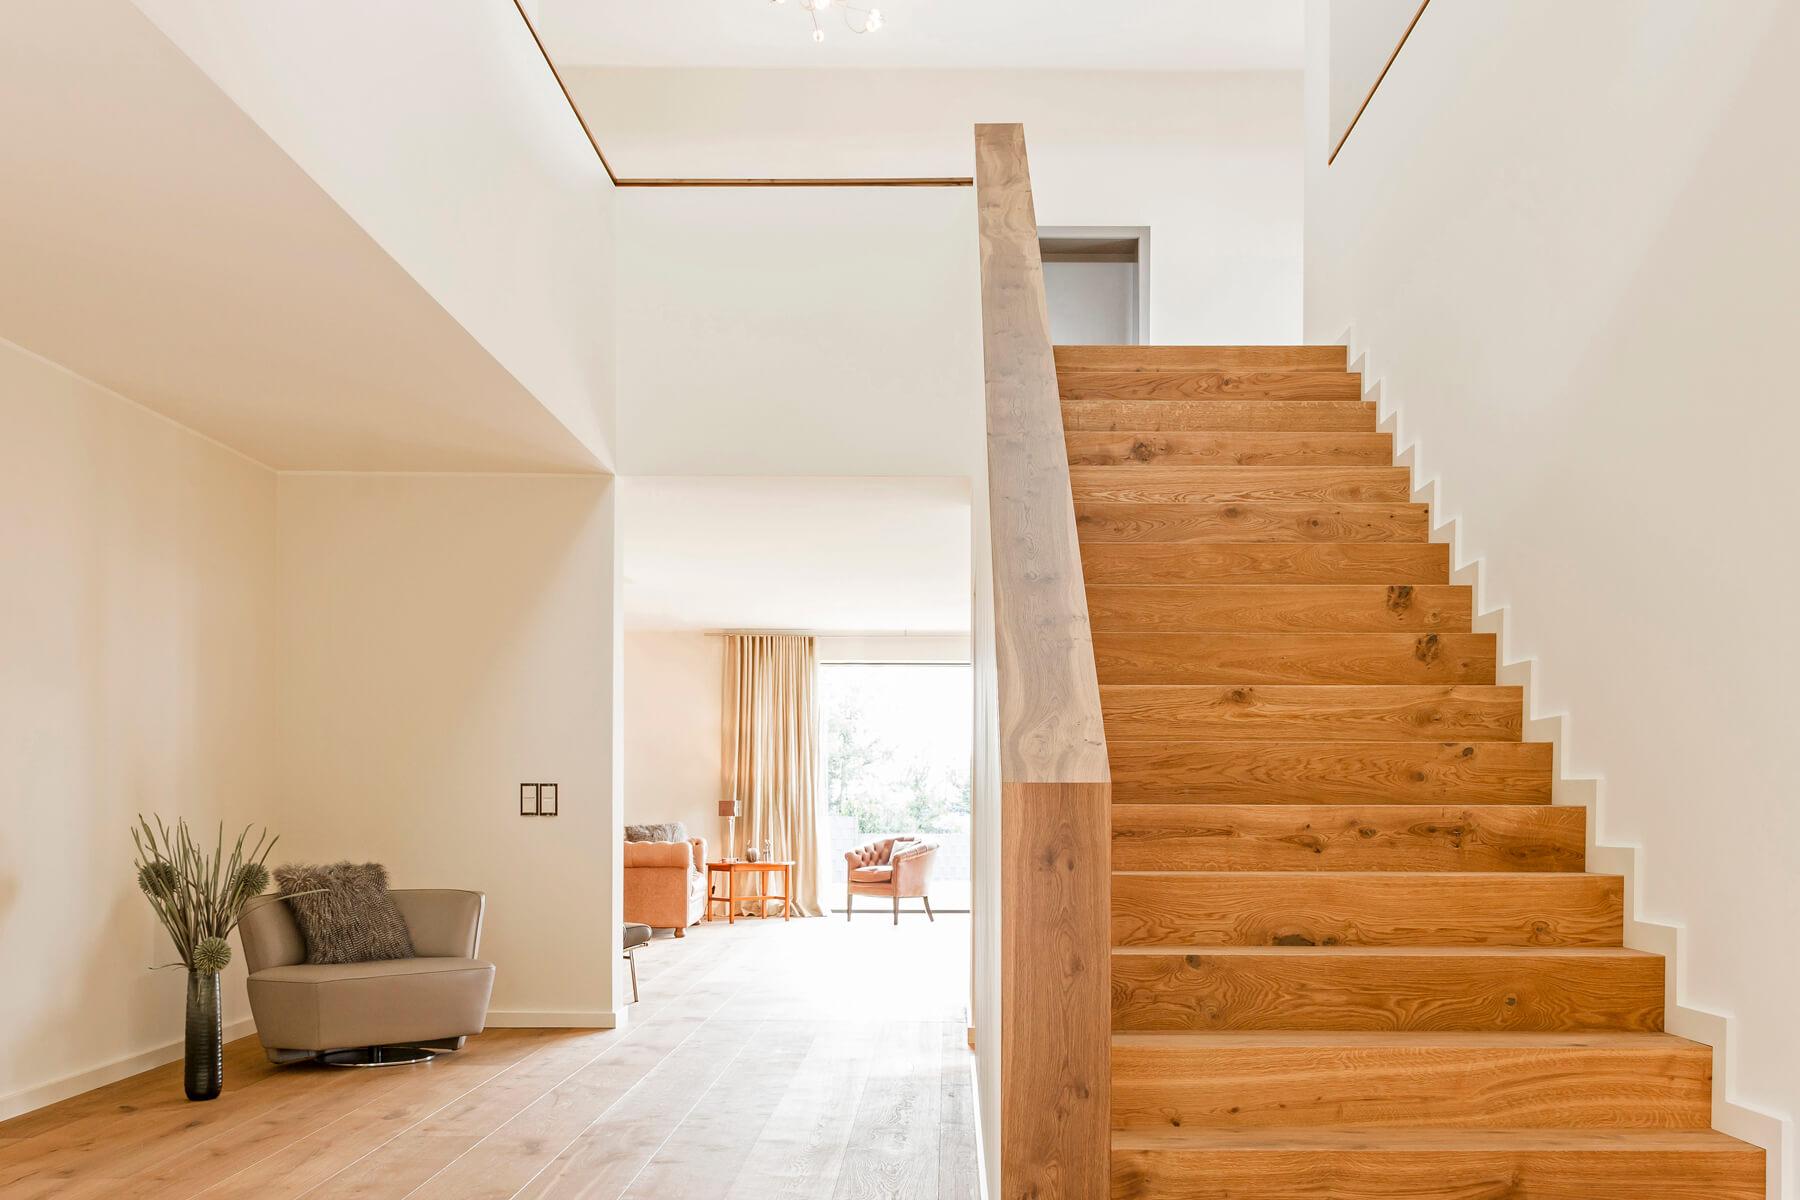 inneneinrichtung altholz und cortenstahl made by spreen k ster. Black Bedroom Furniture Sets. Home Design Ideas